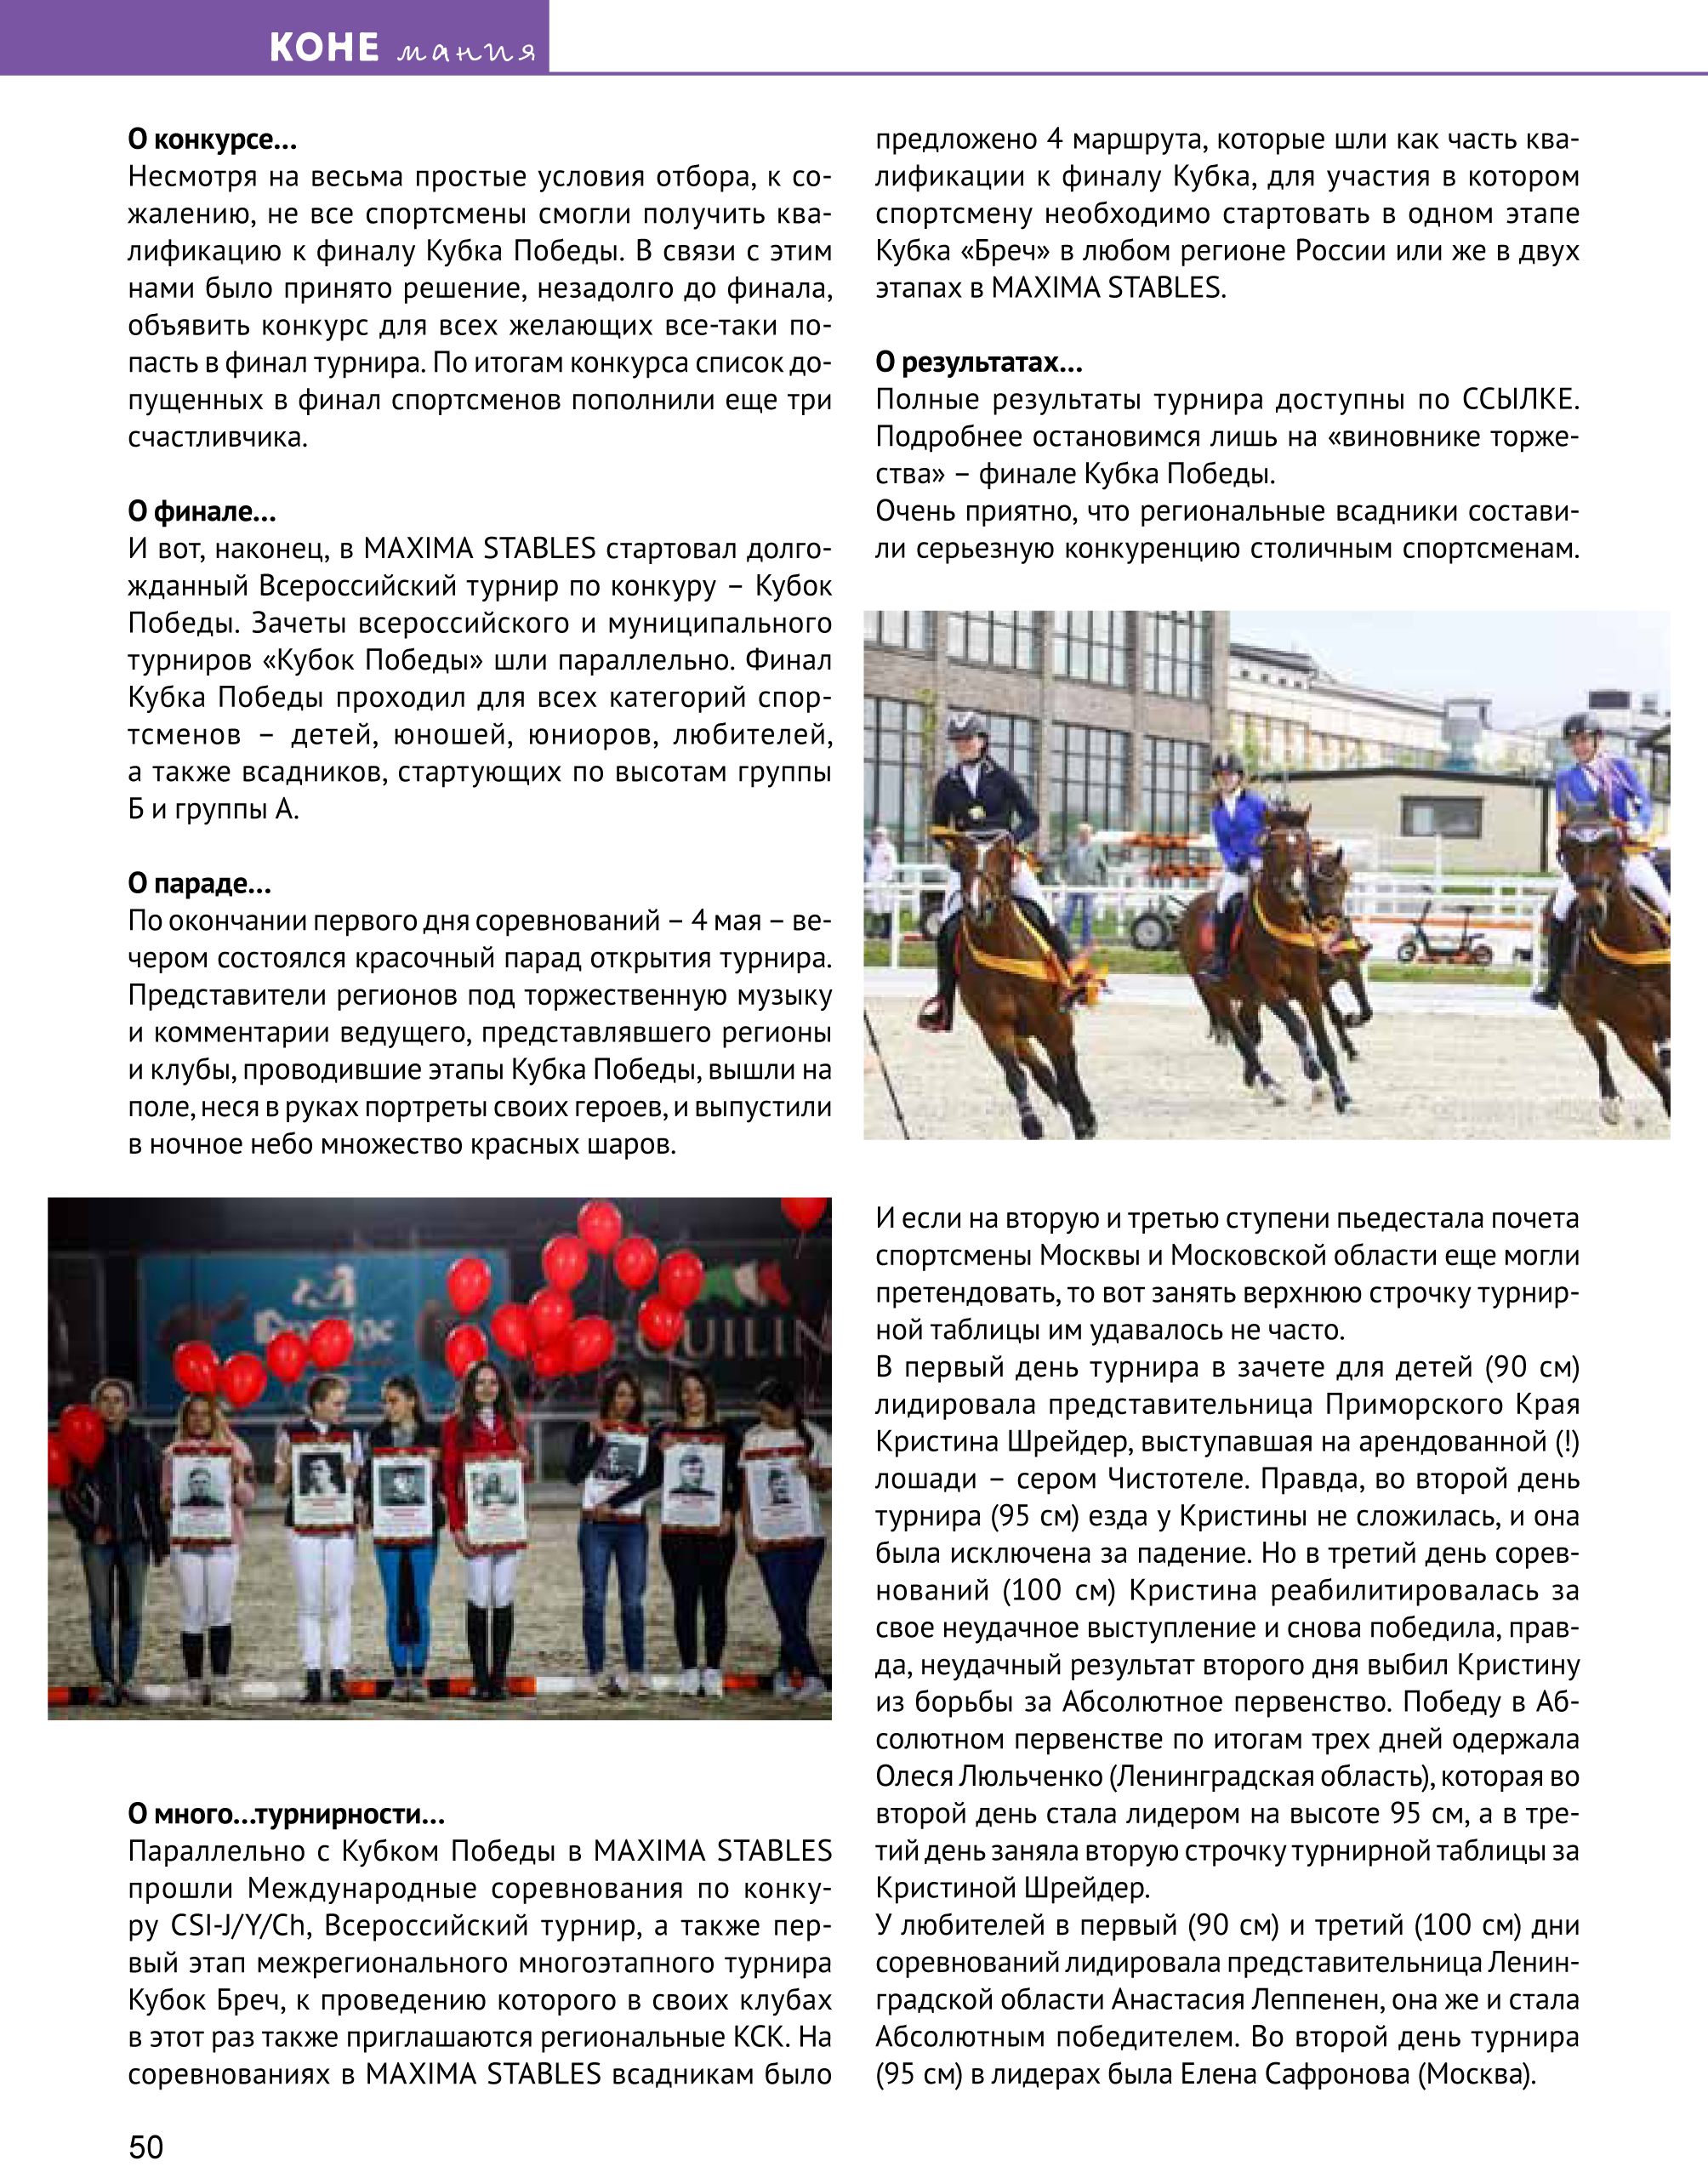 Book КОНЕВОДИТЕЛЬ 4_ proof-50